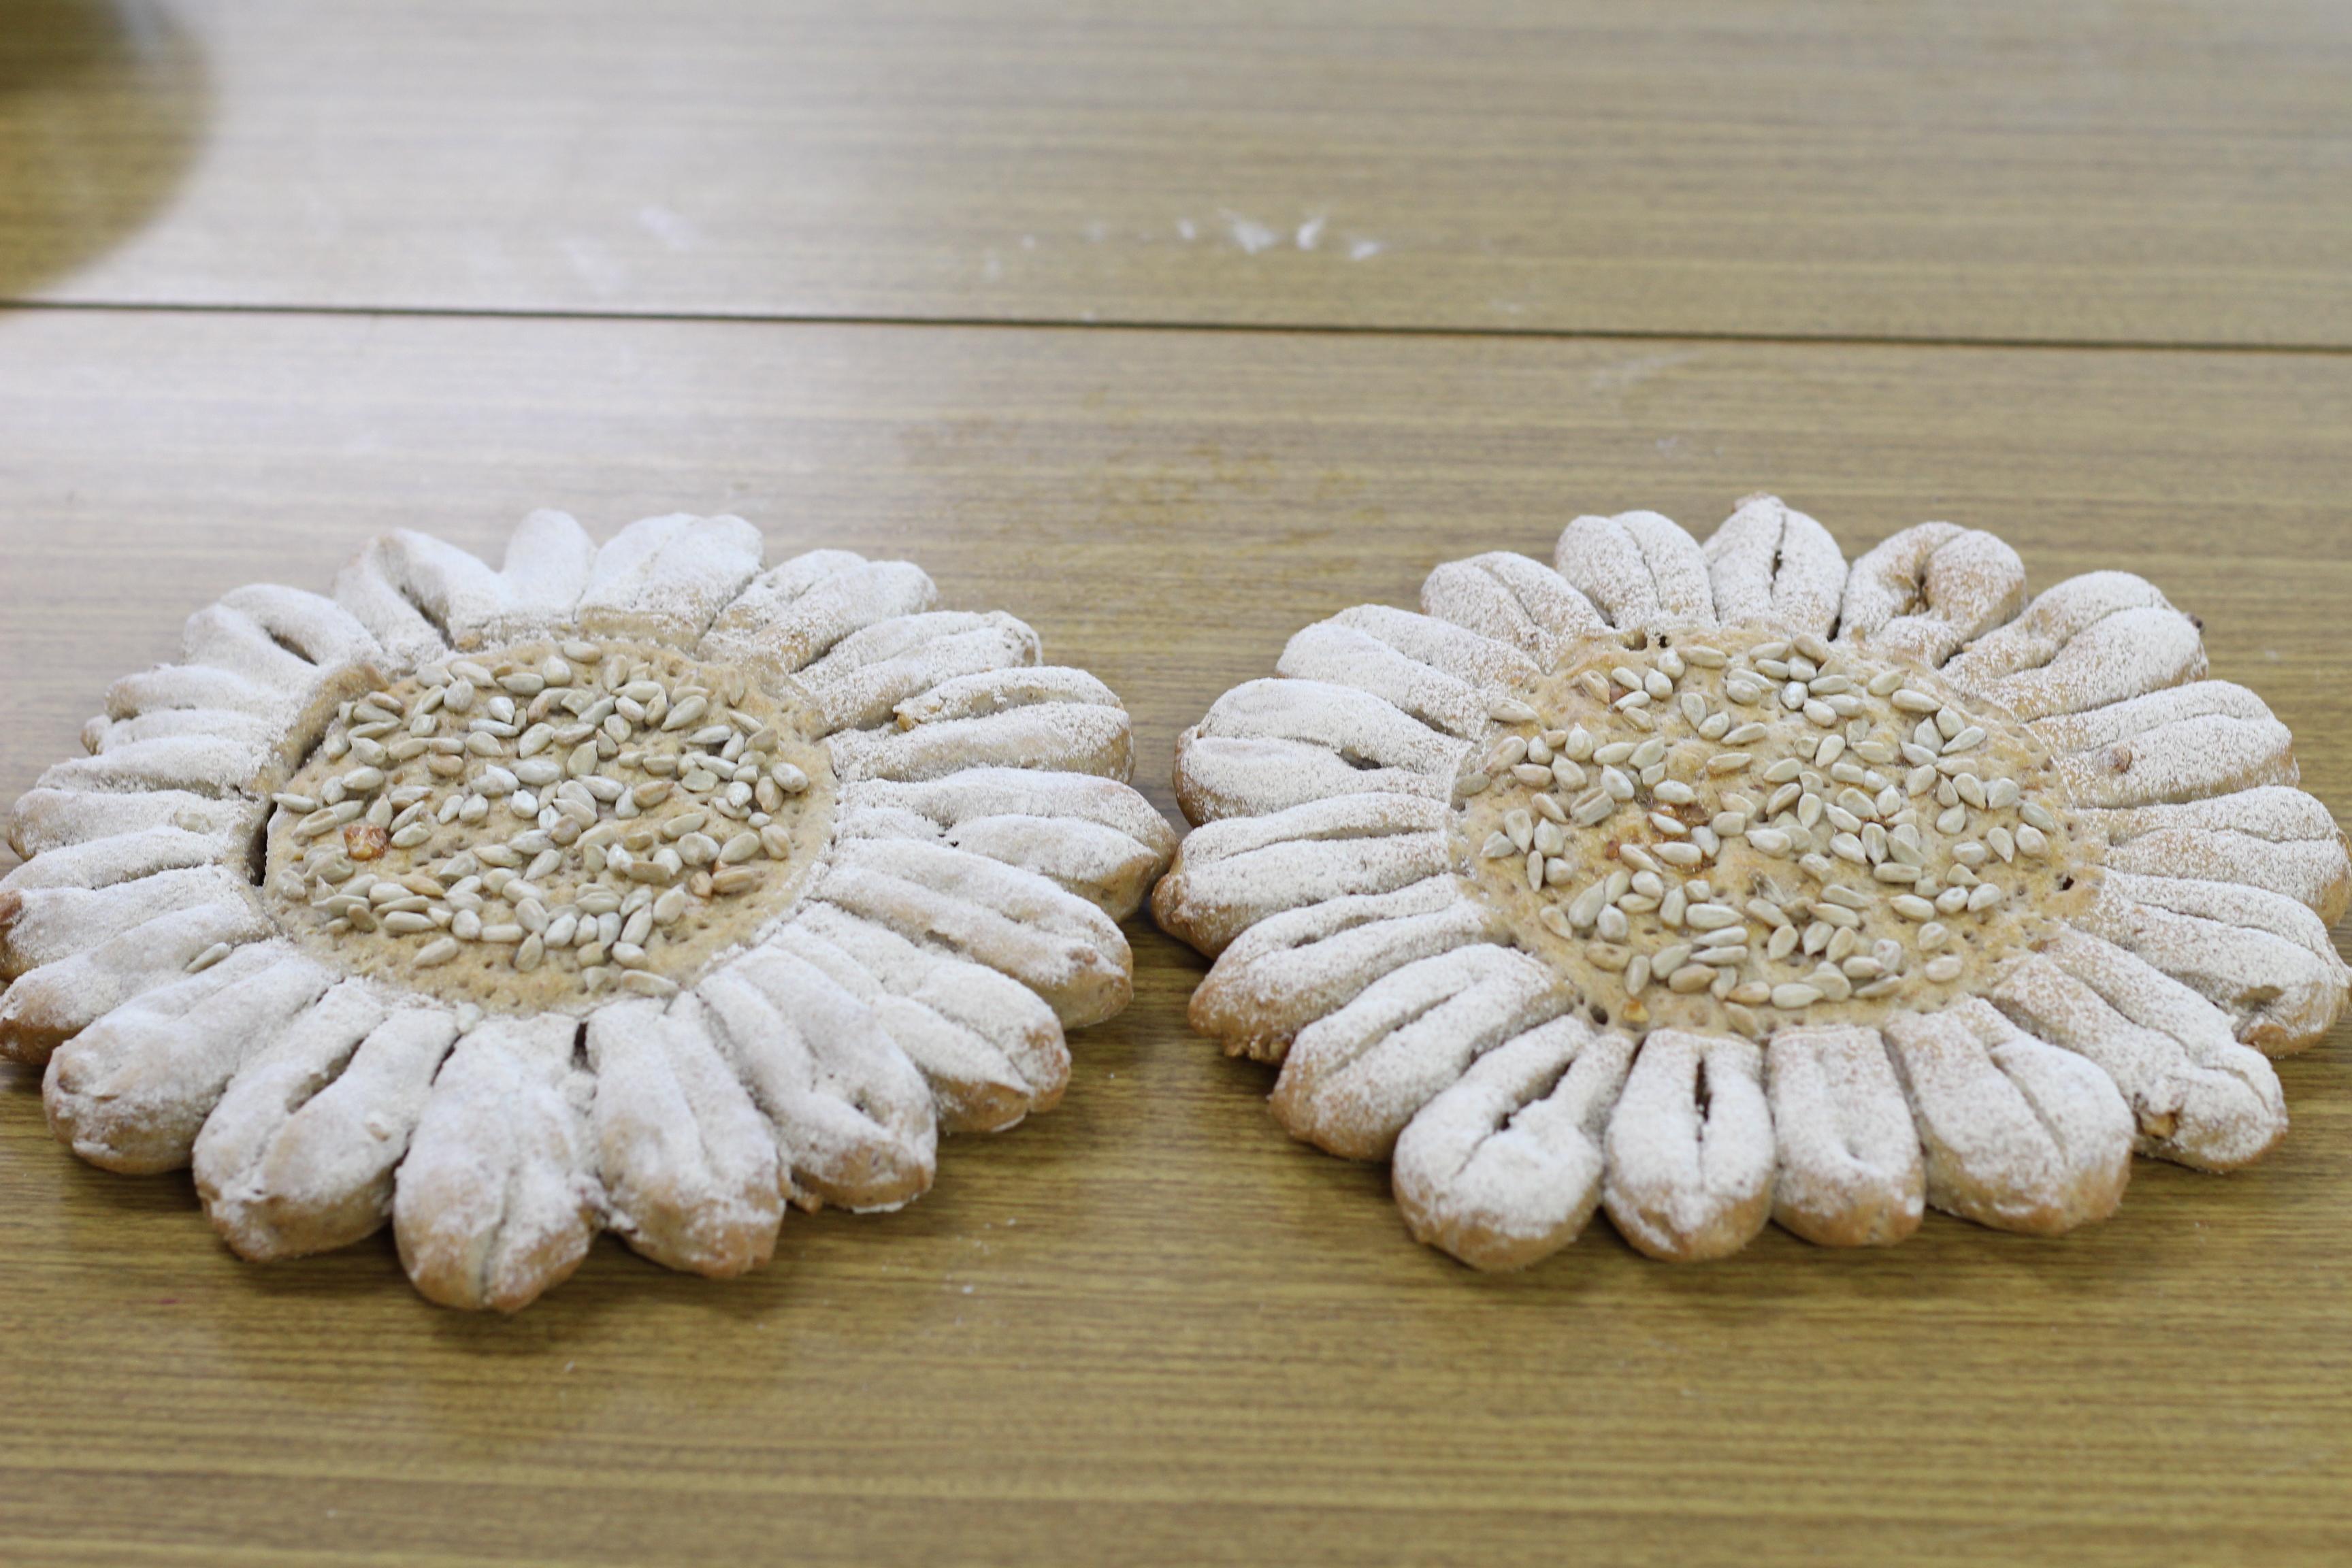 会館でのレッスン、サワー種のソレイユです。ソレイユは、フランス語で太陽の意味です。夏の花、ヒマワリのイメージで仕上がました。